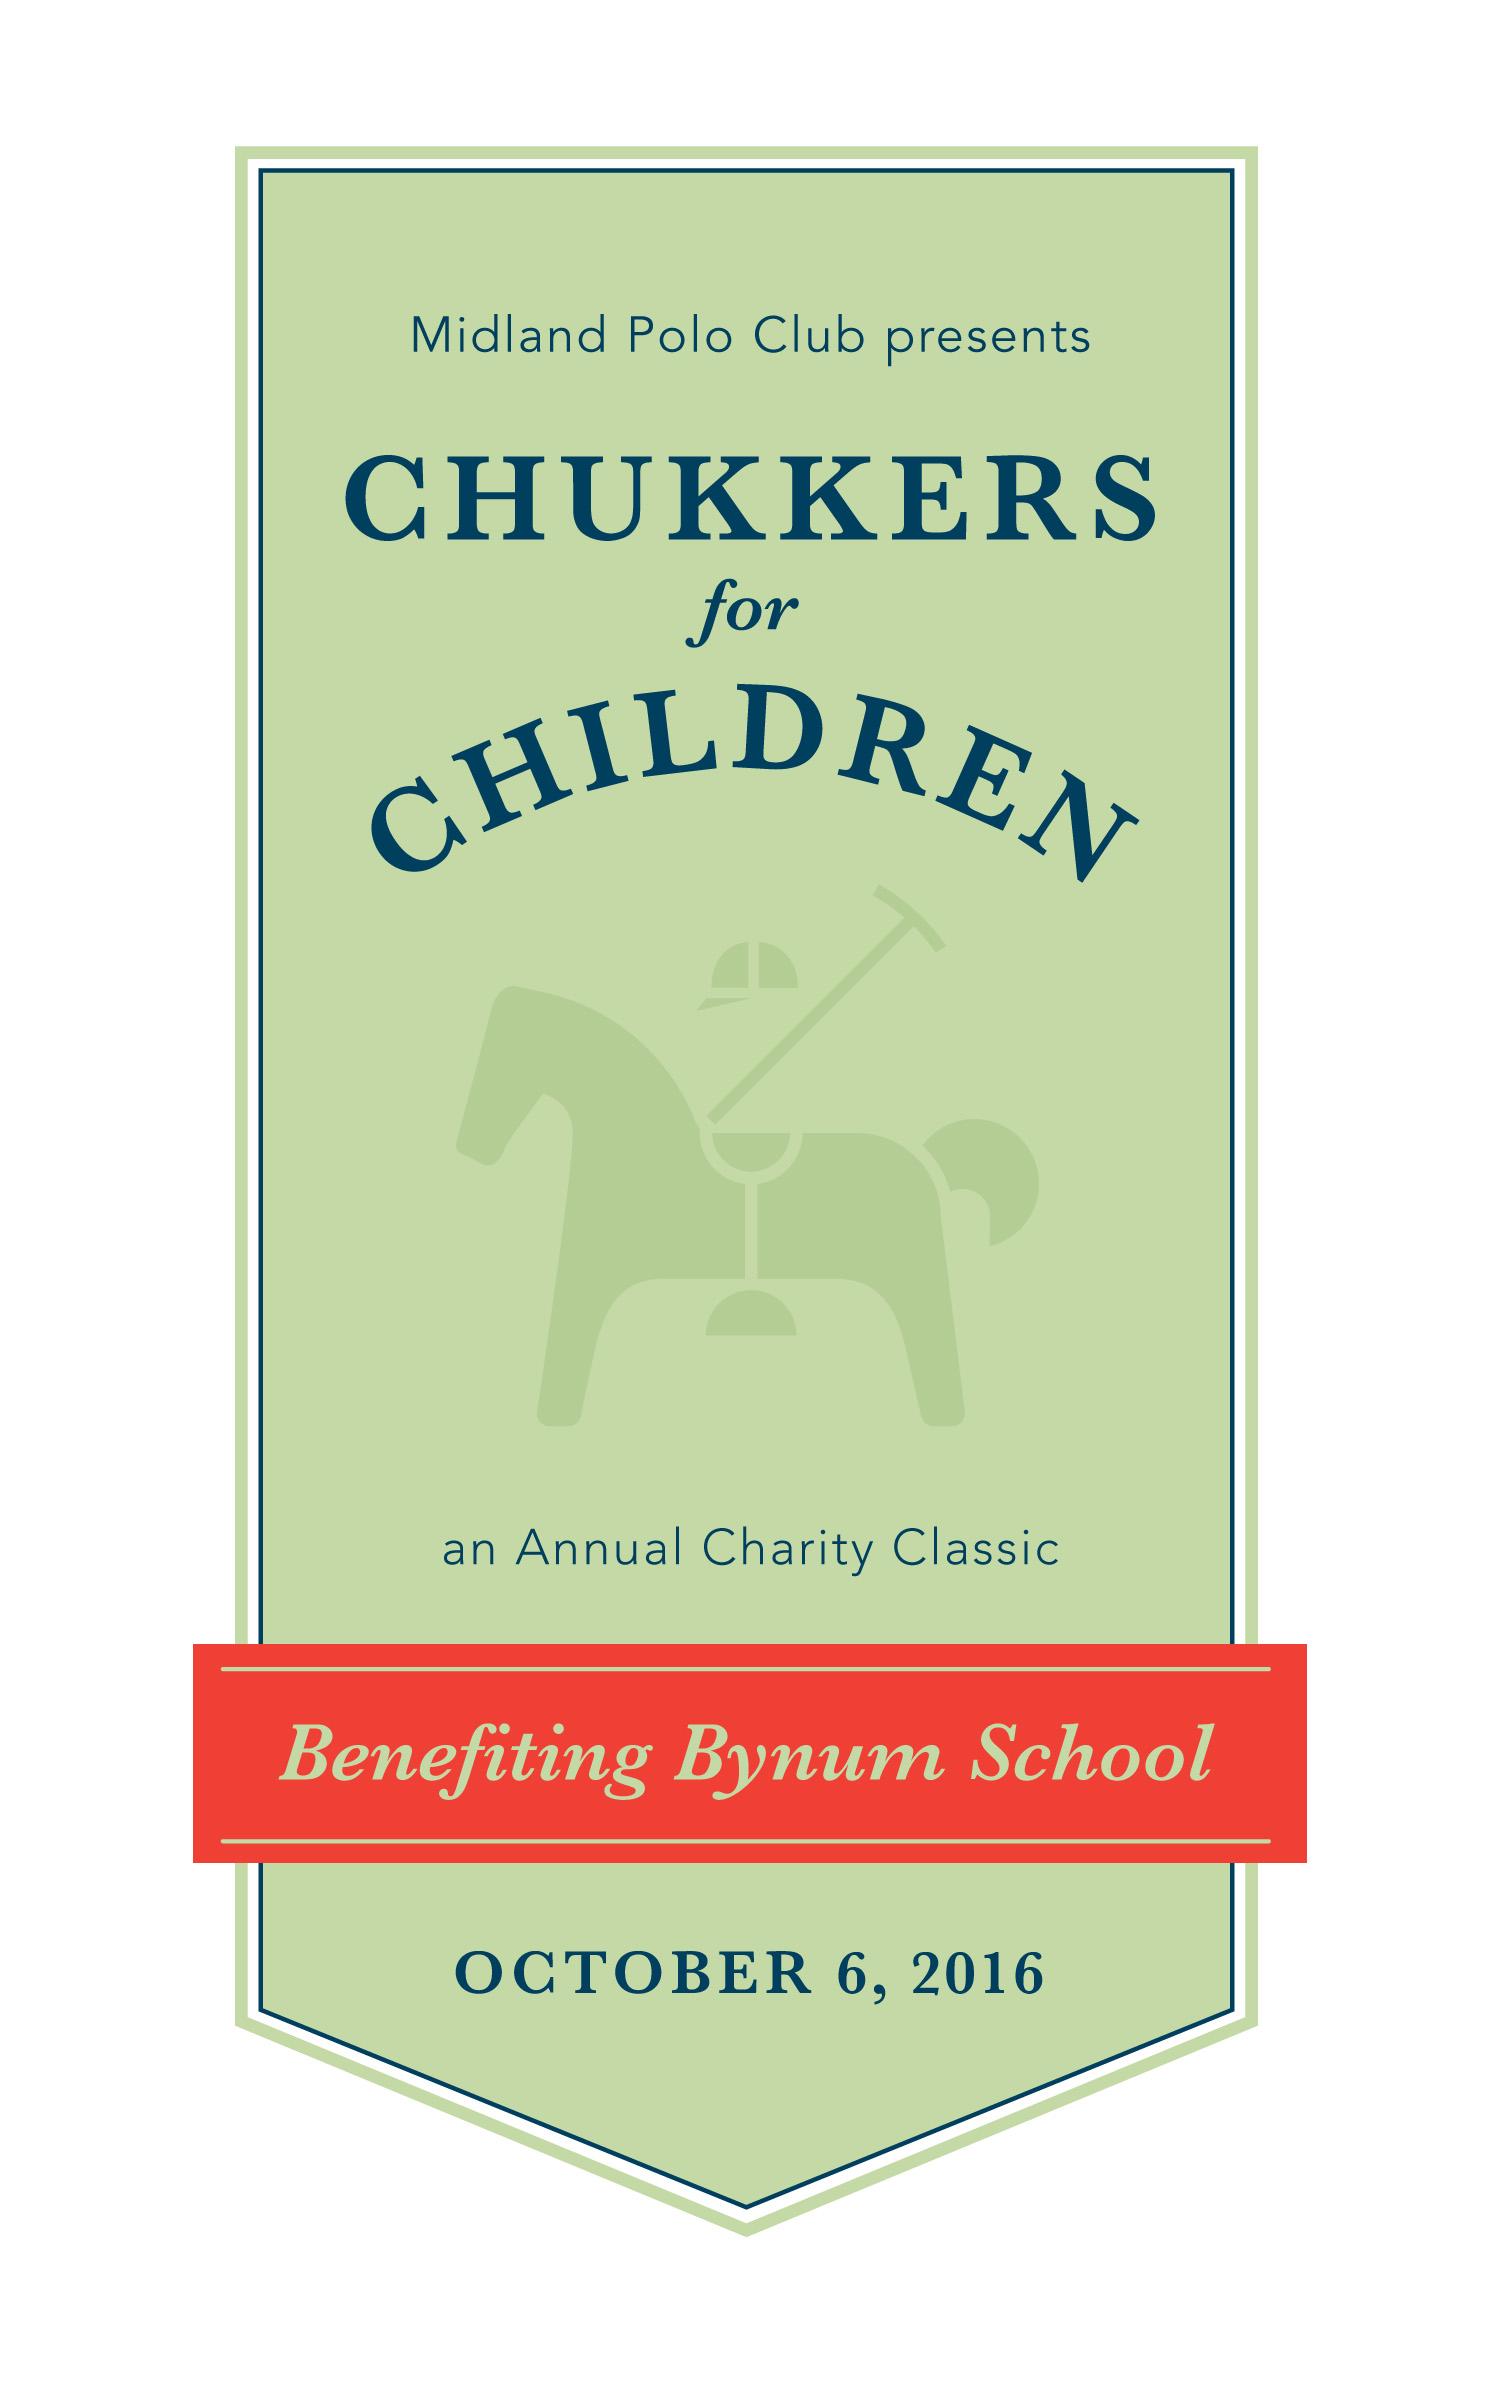 Chukkers for Children.jpg